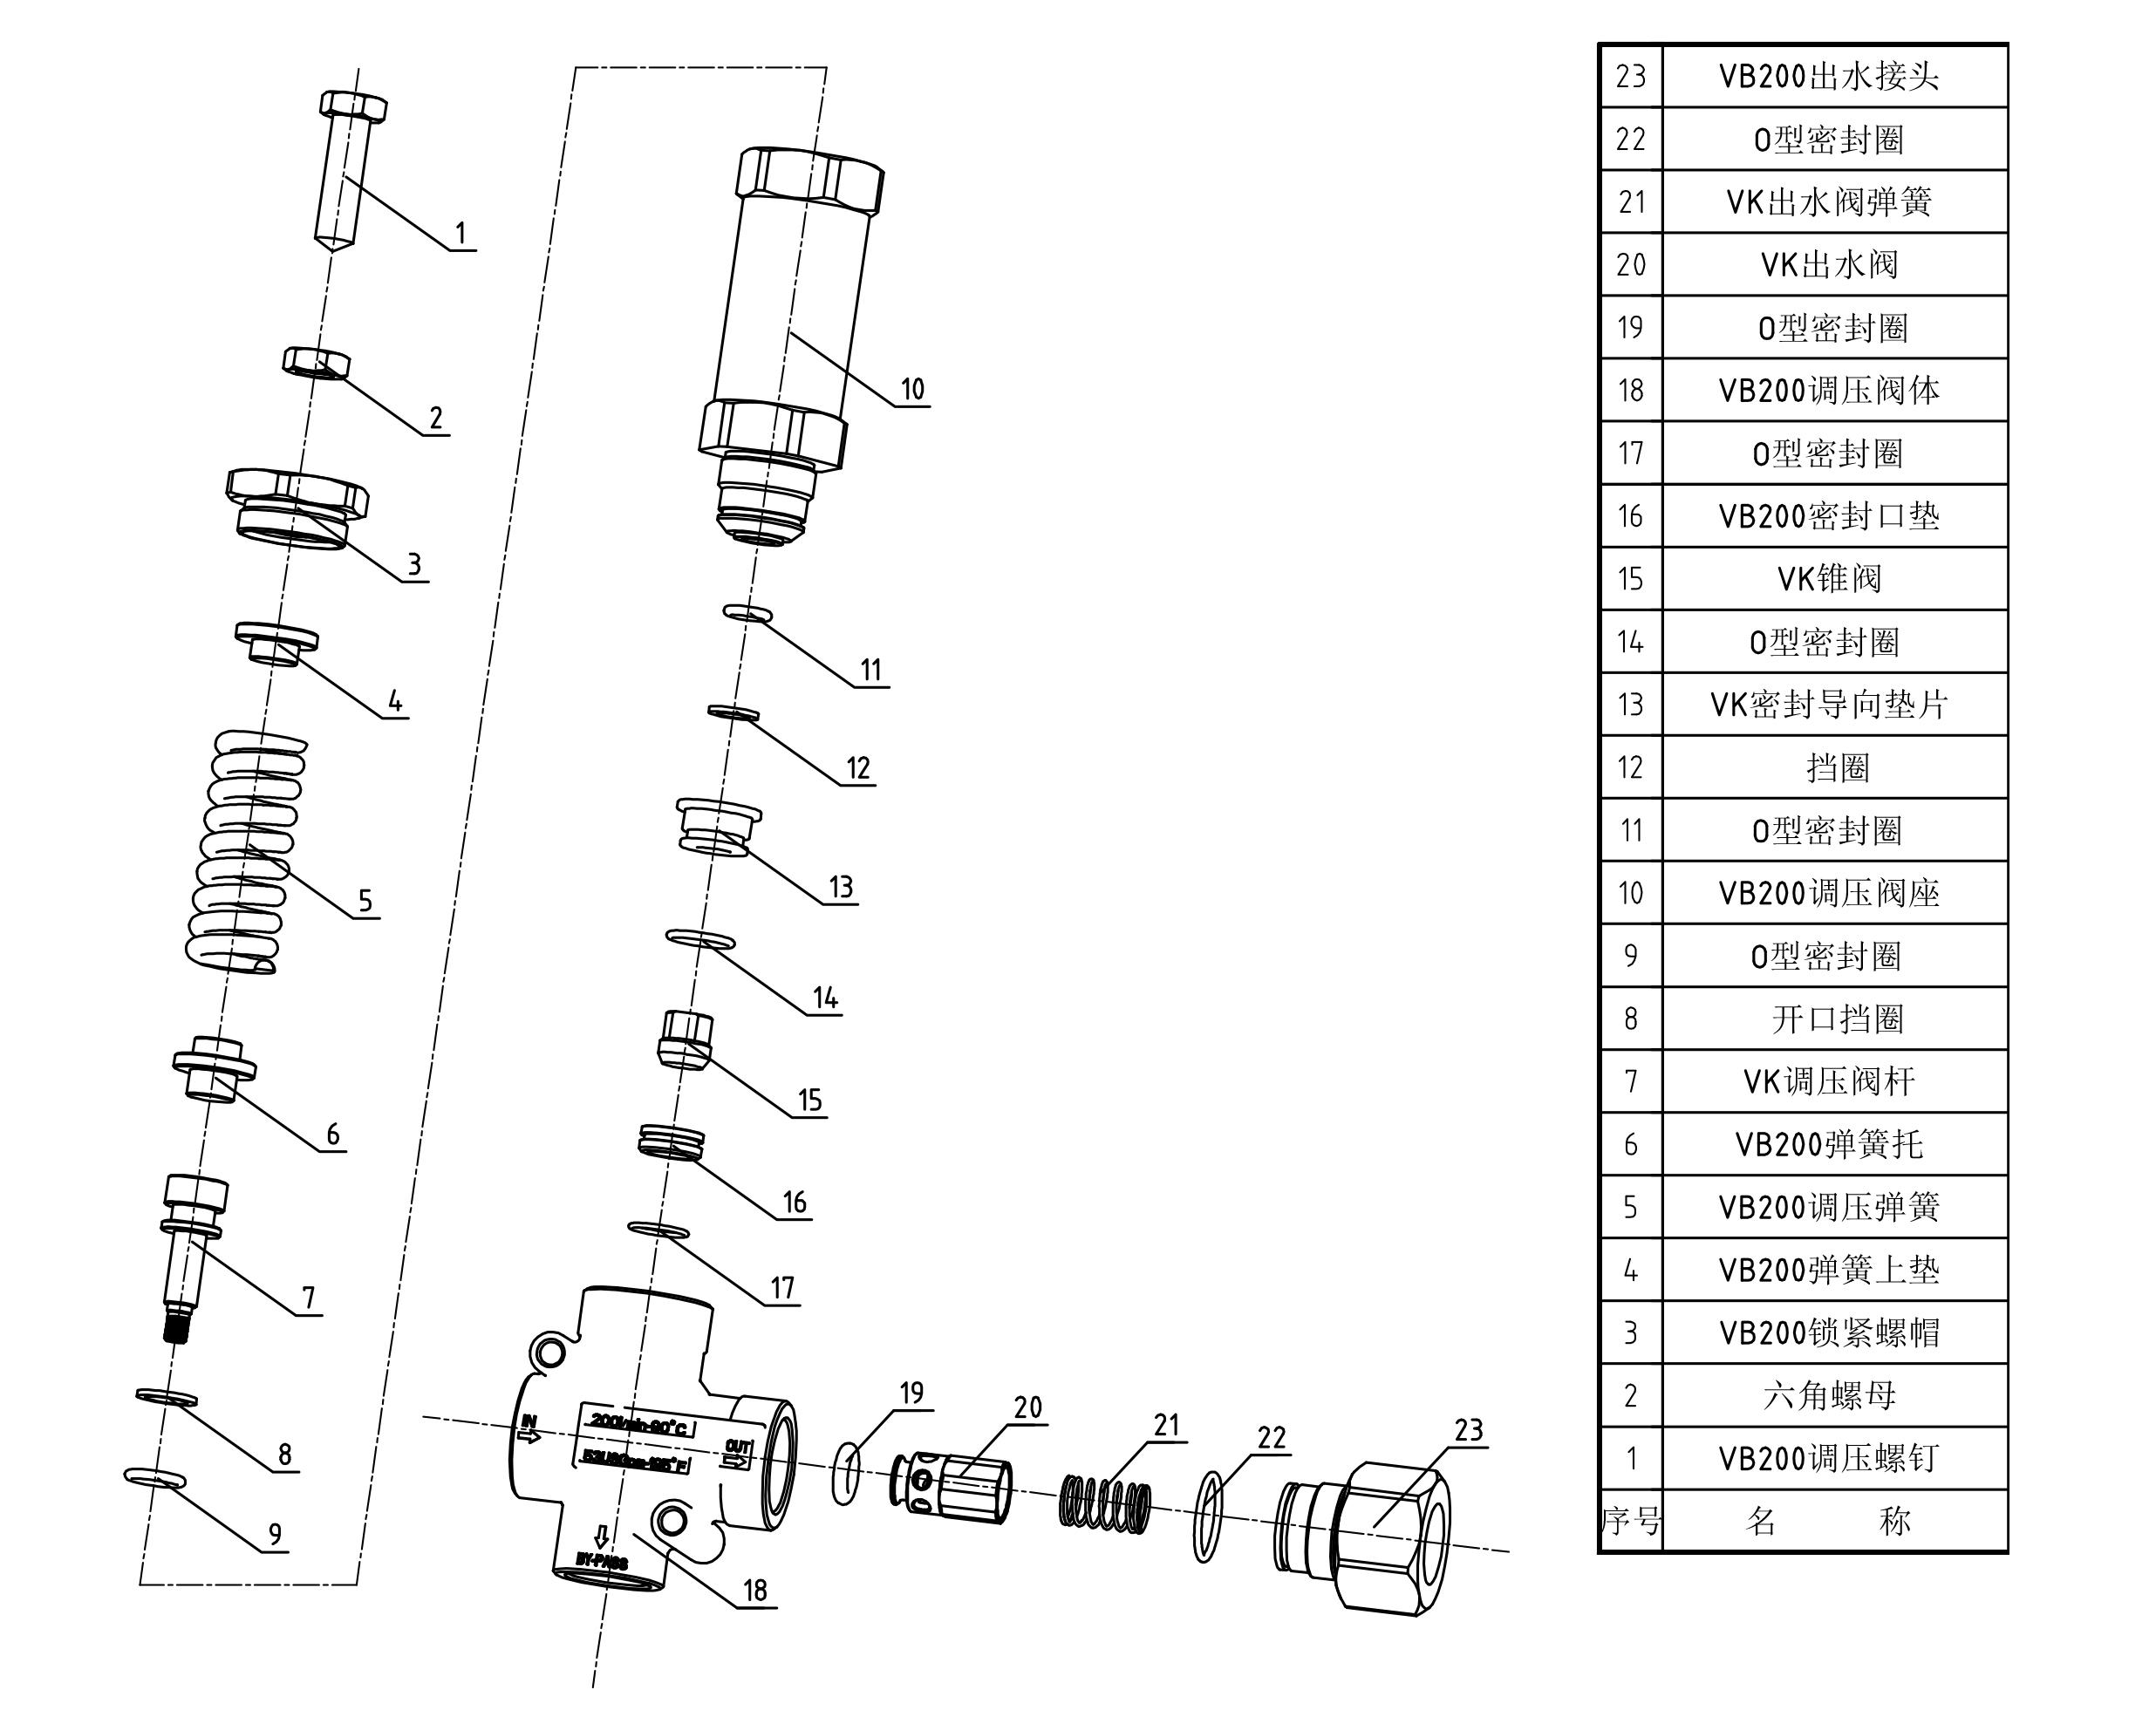 VB200爆炸图原始尺寸图